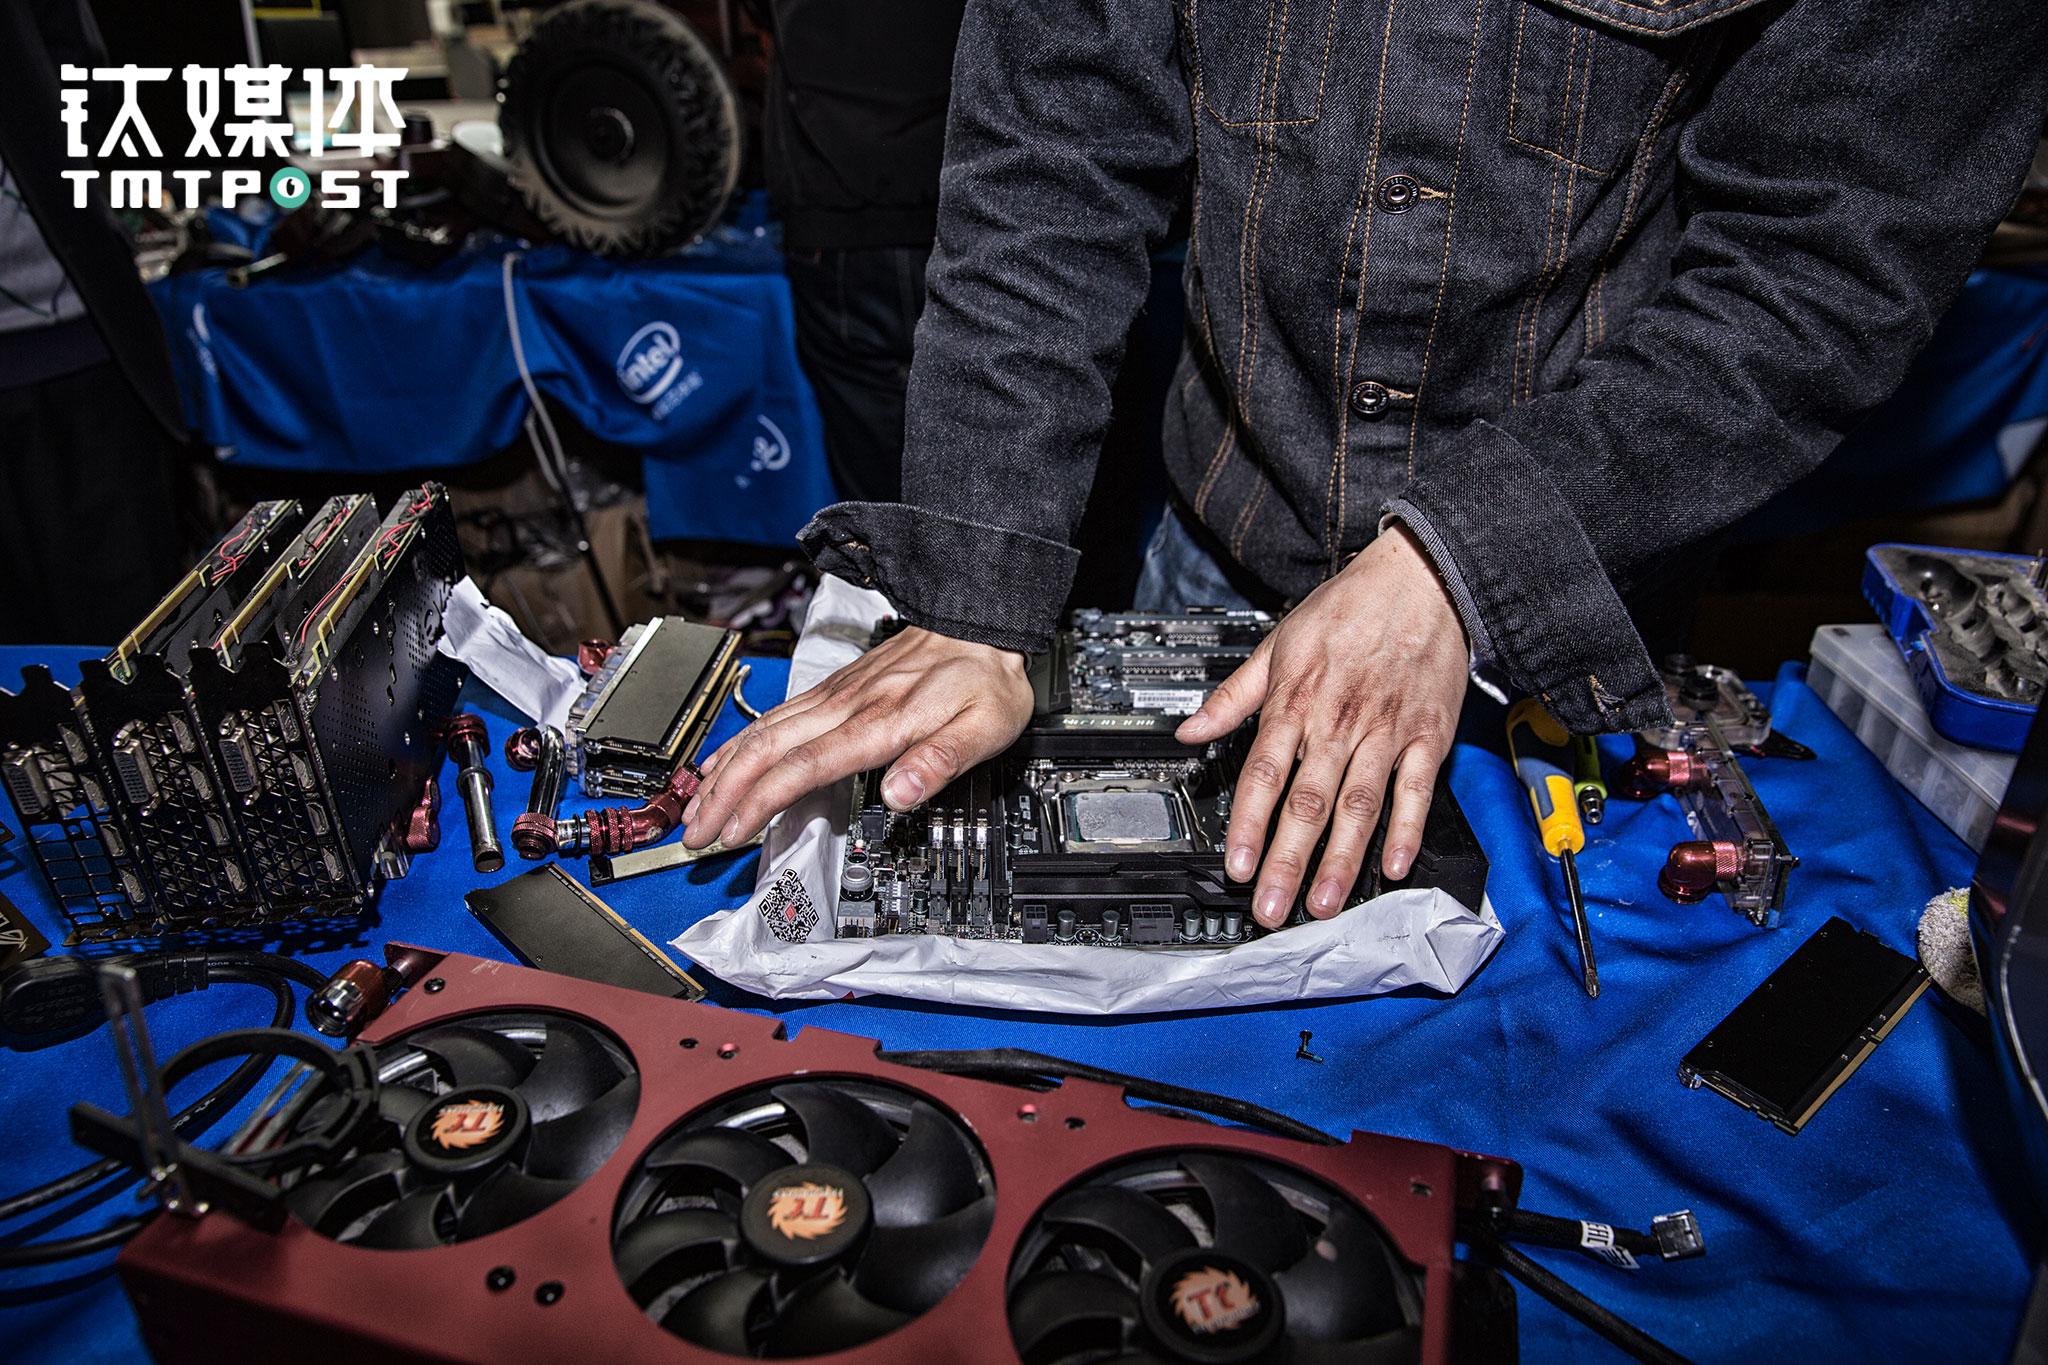 """一名技术员准备测试一款主板。FUXK会为每个作品拍一段短视频,用于赞助商的推广。除了一些IT配件,还有部分零配件比如特殊的螺丝,需要到沿海工厂定制。MOD的改装本来就非常个性化,所以单个定制量不大,有时候为了等工厂排期,需要很长时间。还有一些特殊零件,需要在德国定制,""""但是德国的厂子特别好,一个两个配件也做,有时候要等8、9个月才给做出来,但做工和质量都梅得说,一定很完美""""。"""